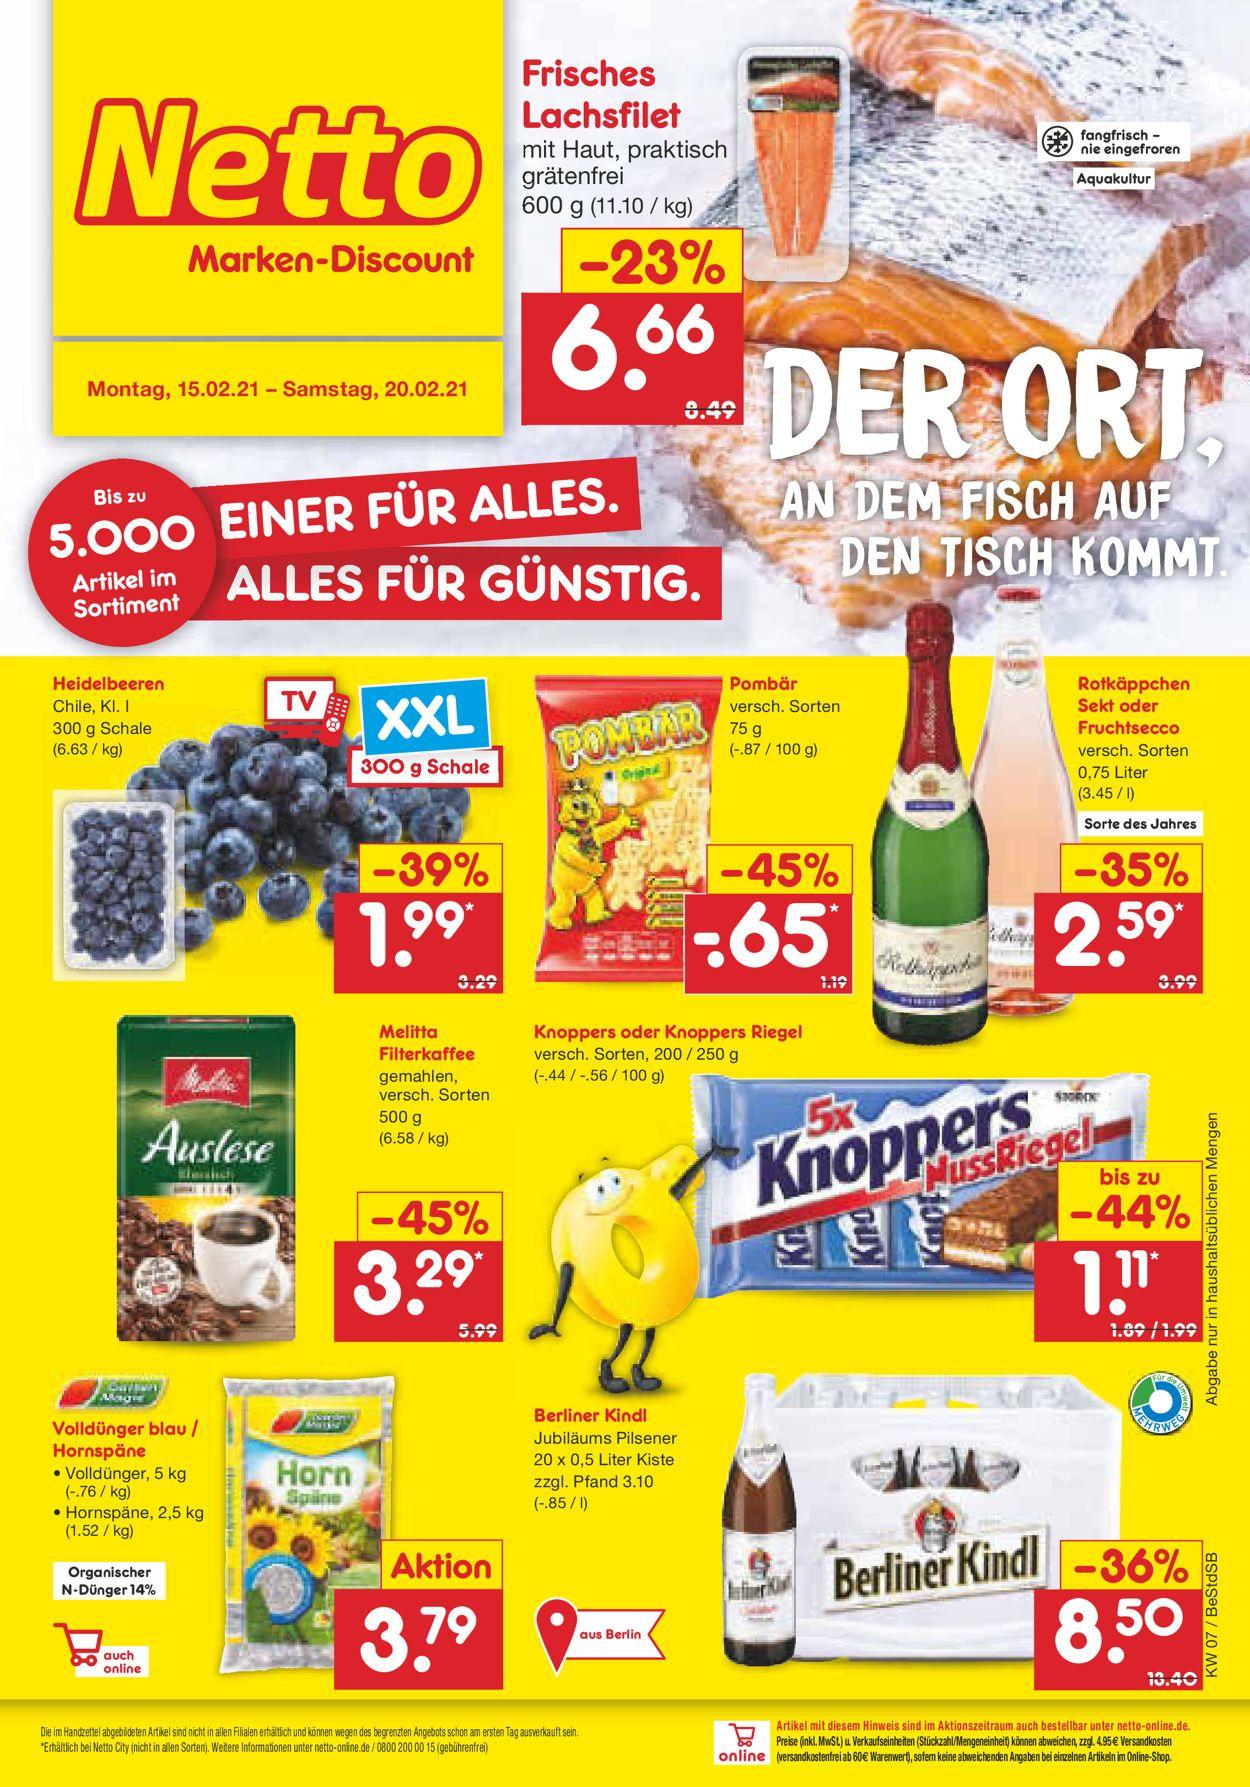 Netto Marken-Discount Prospekt - Aktuell vom 15.02-20.02.2021